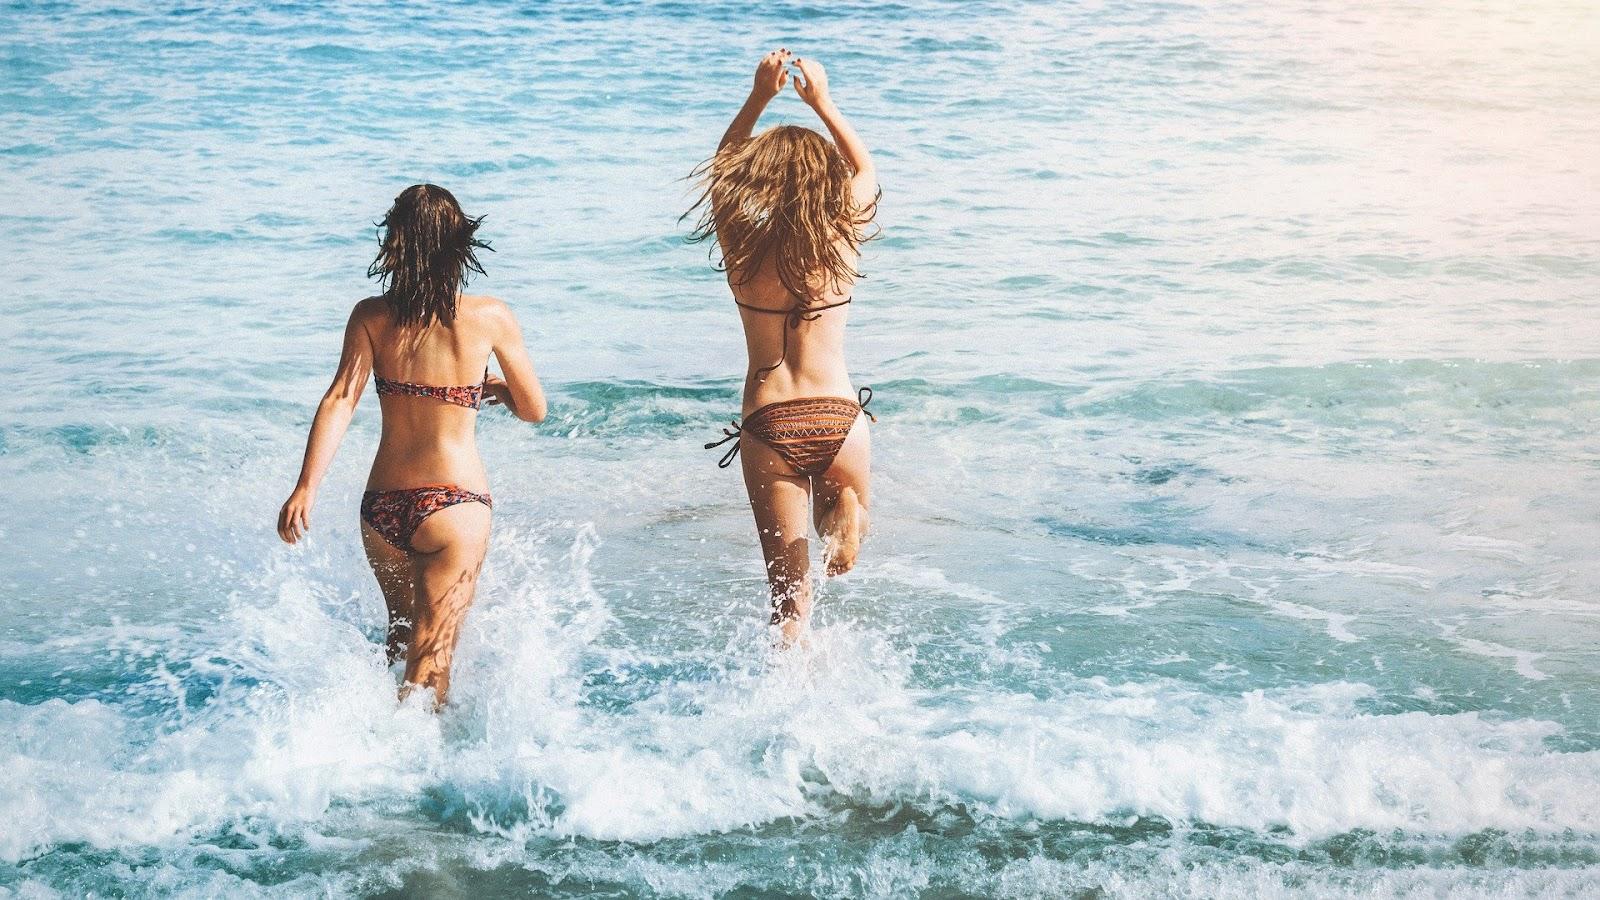 Duas mulheres com tipos de biquínis  entrando no mar.